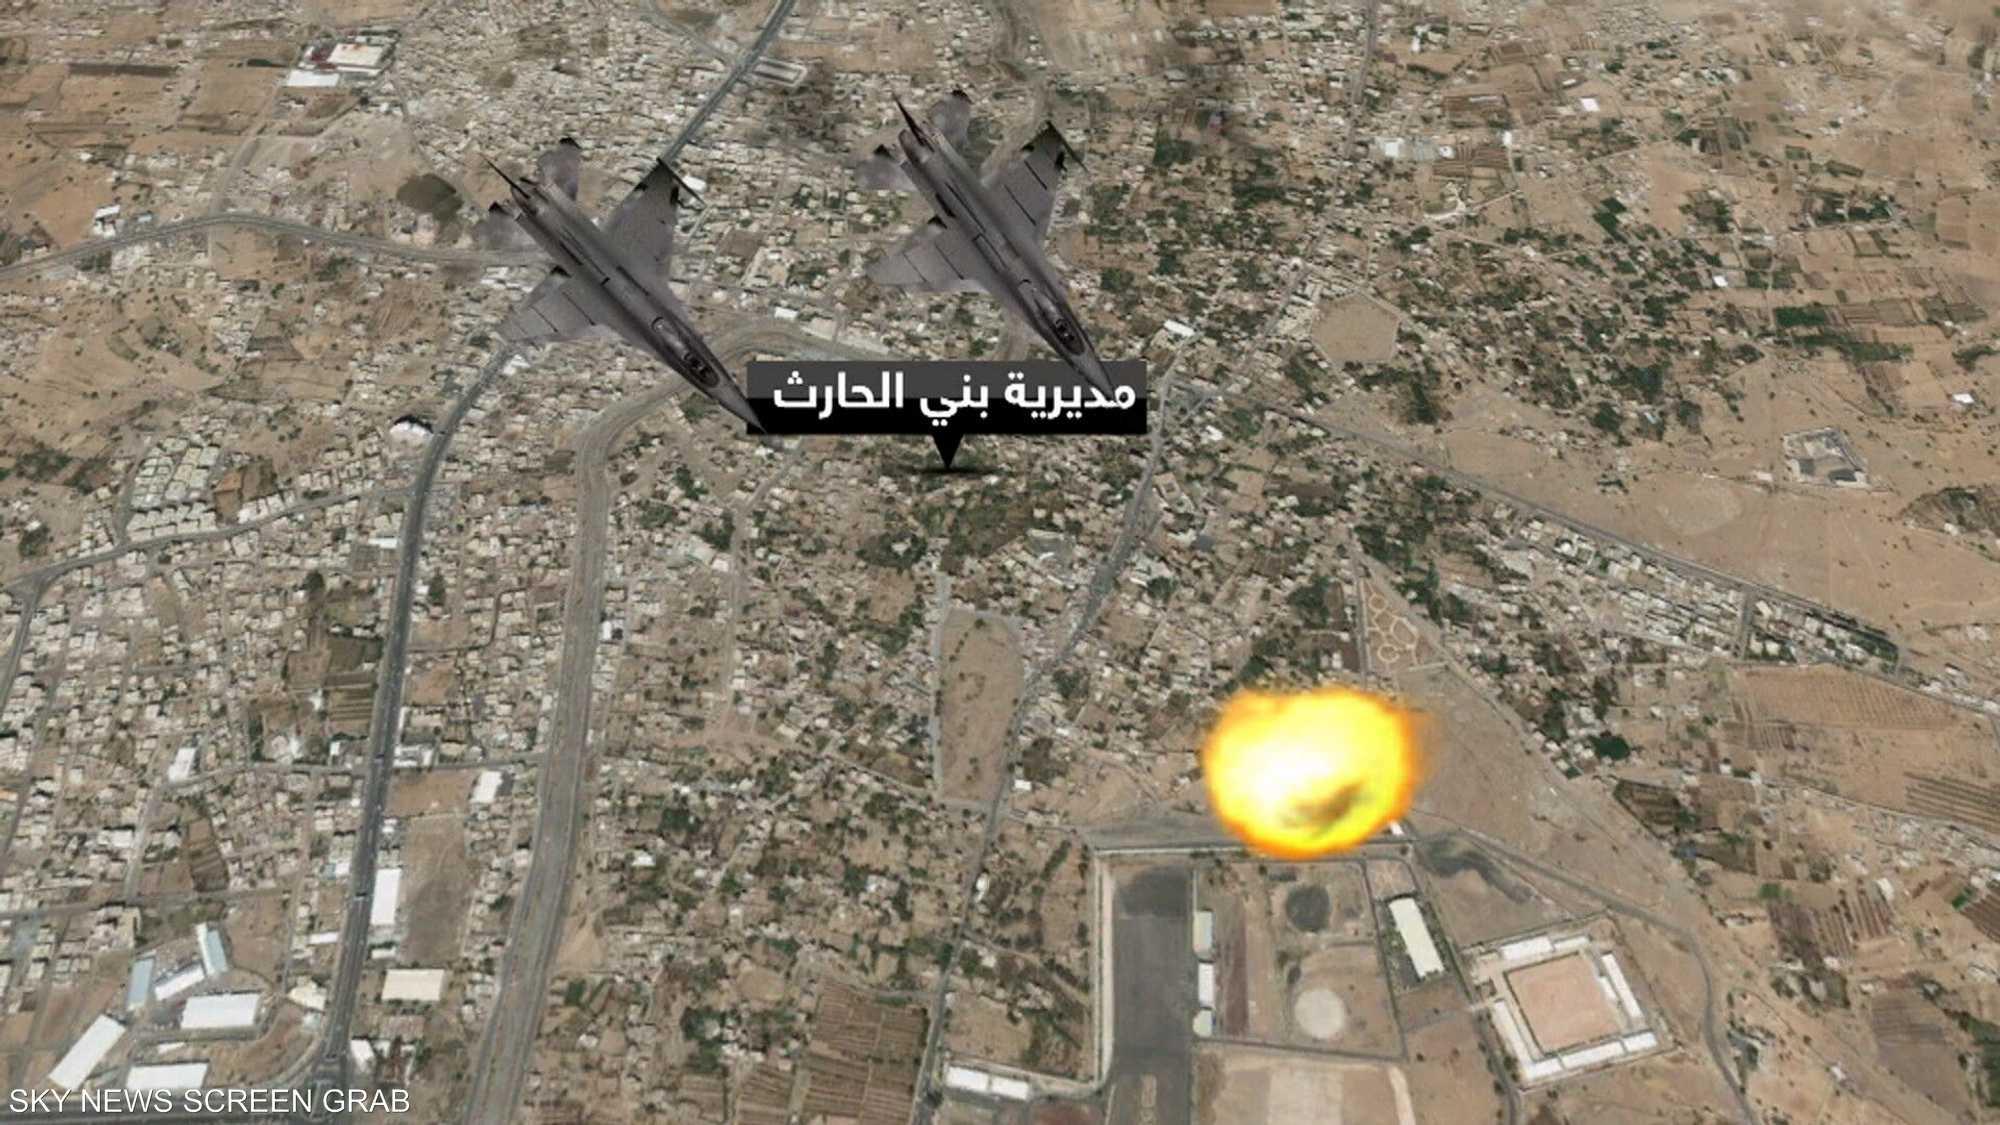 الطائرات المسيرة للحوثيين في مرمى التحالف العربي